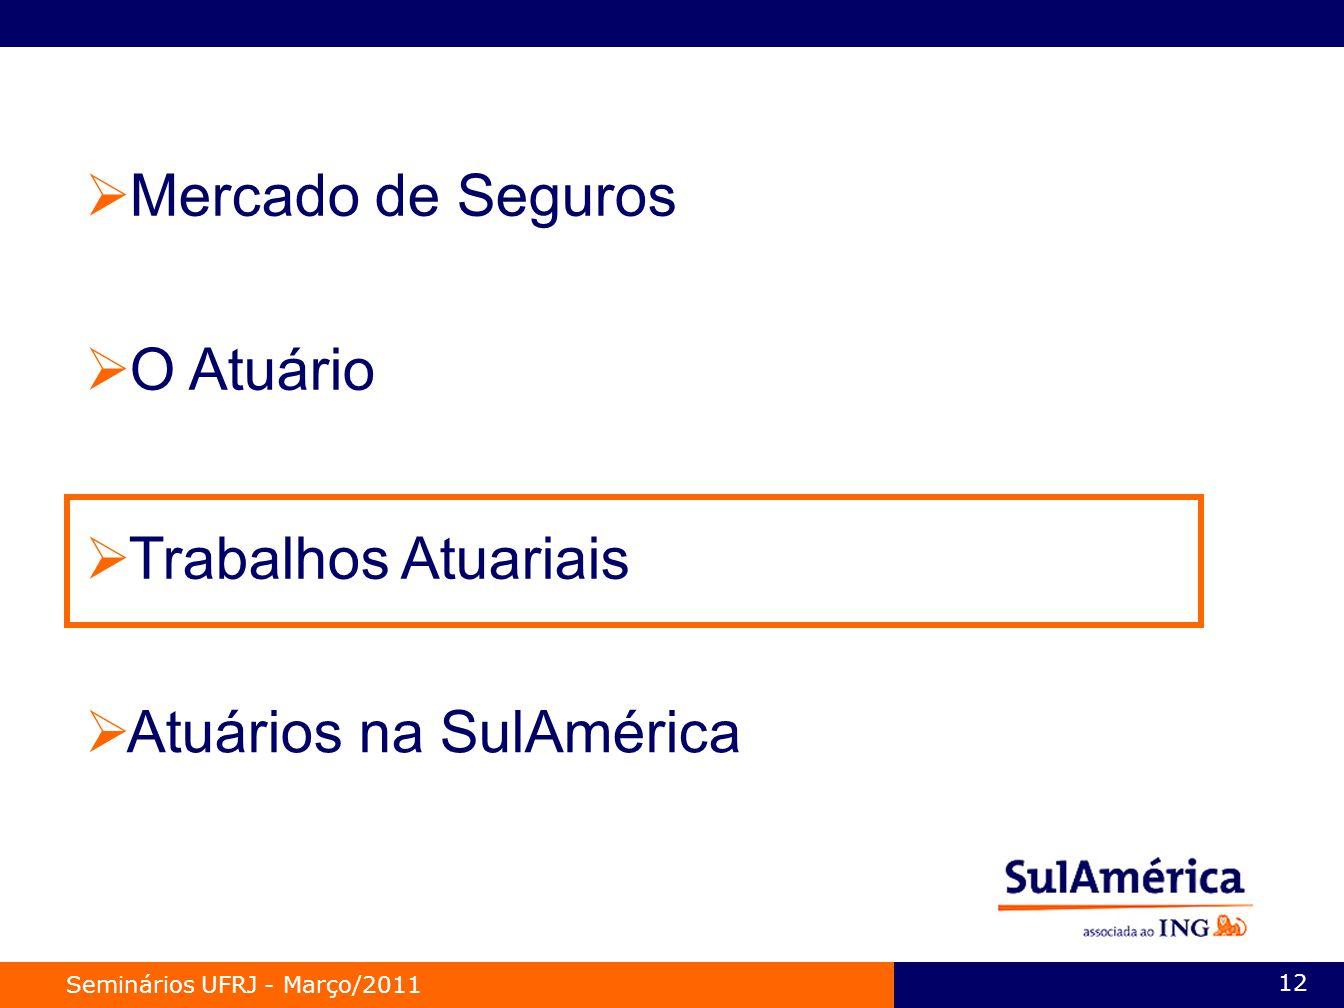 Atuários na SulAmérica